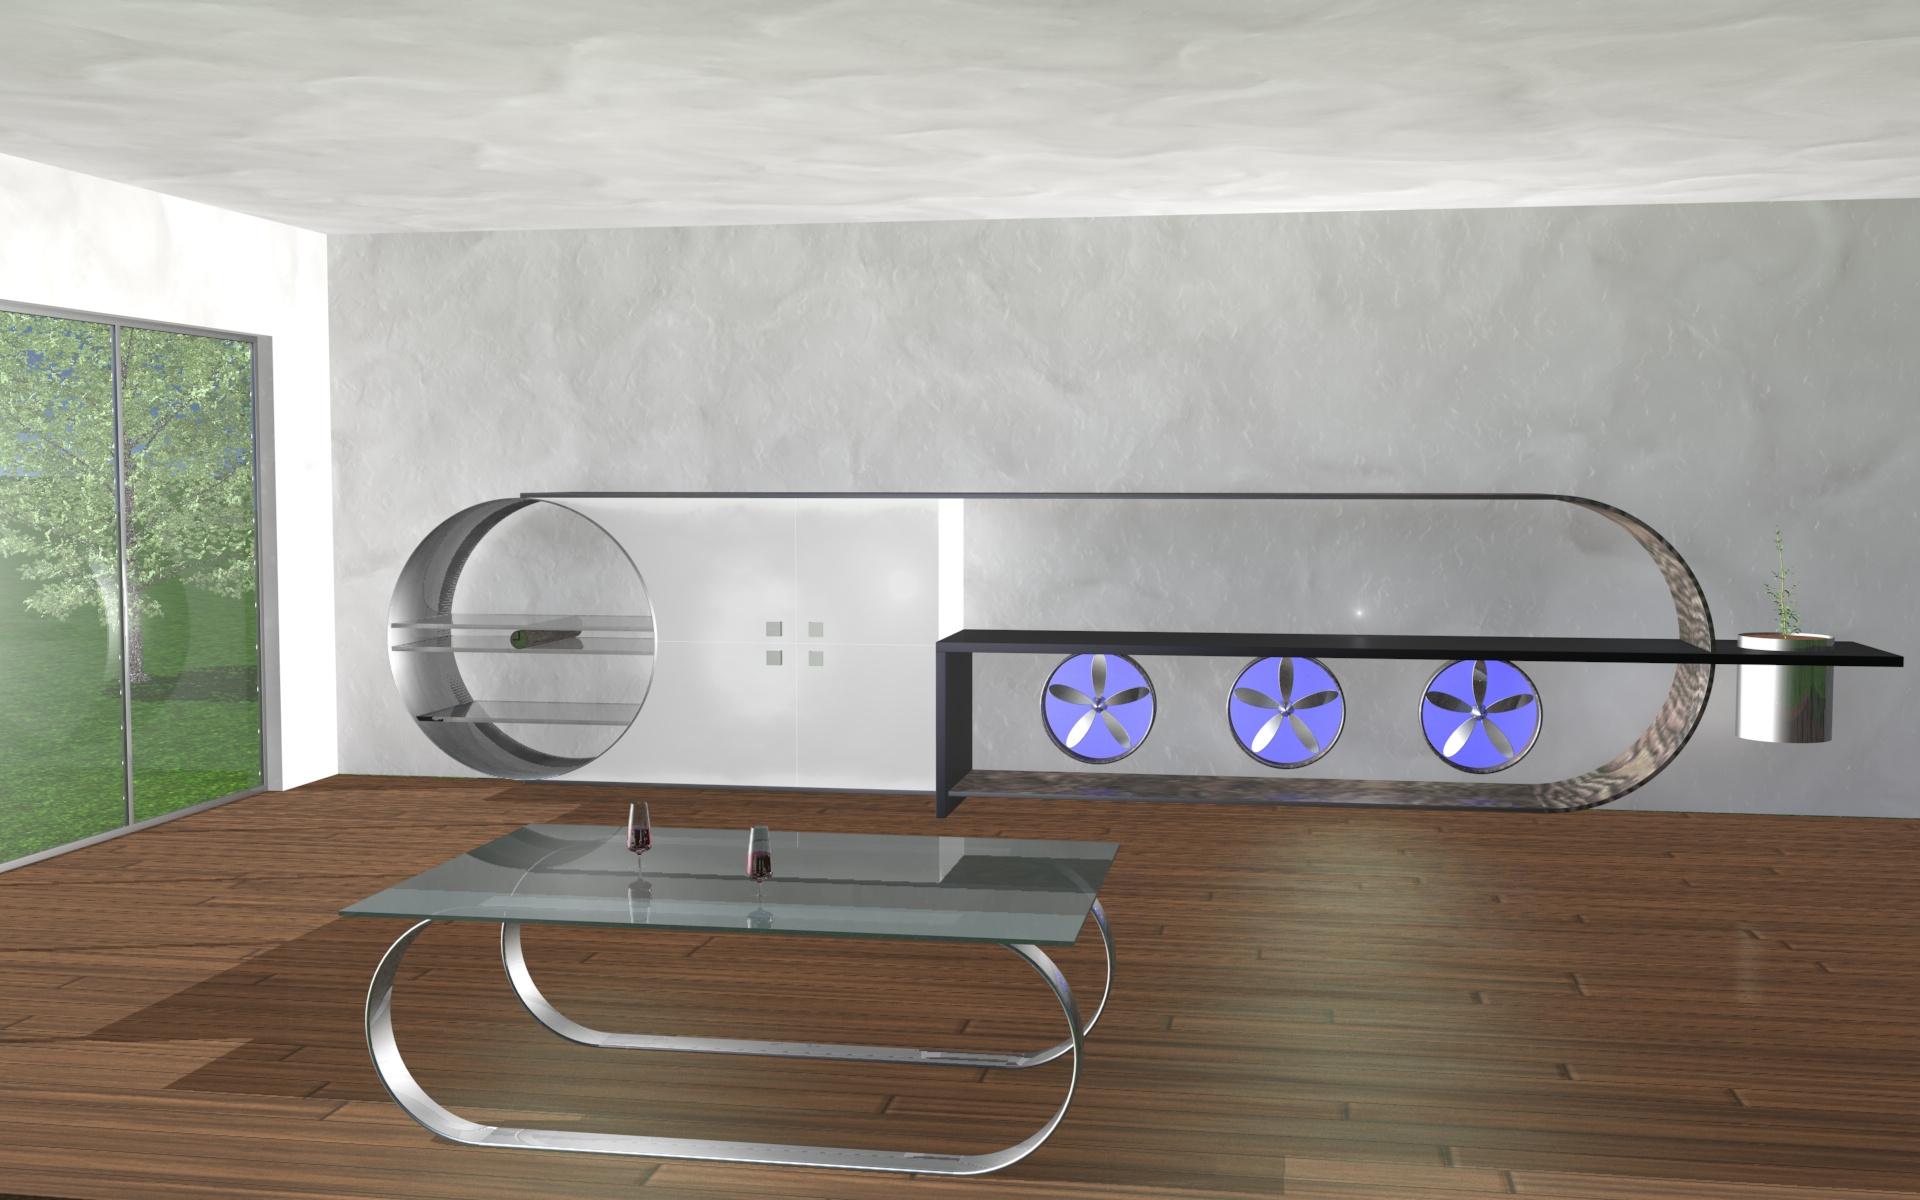 3Dii   3 D Intelligent Interior